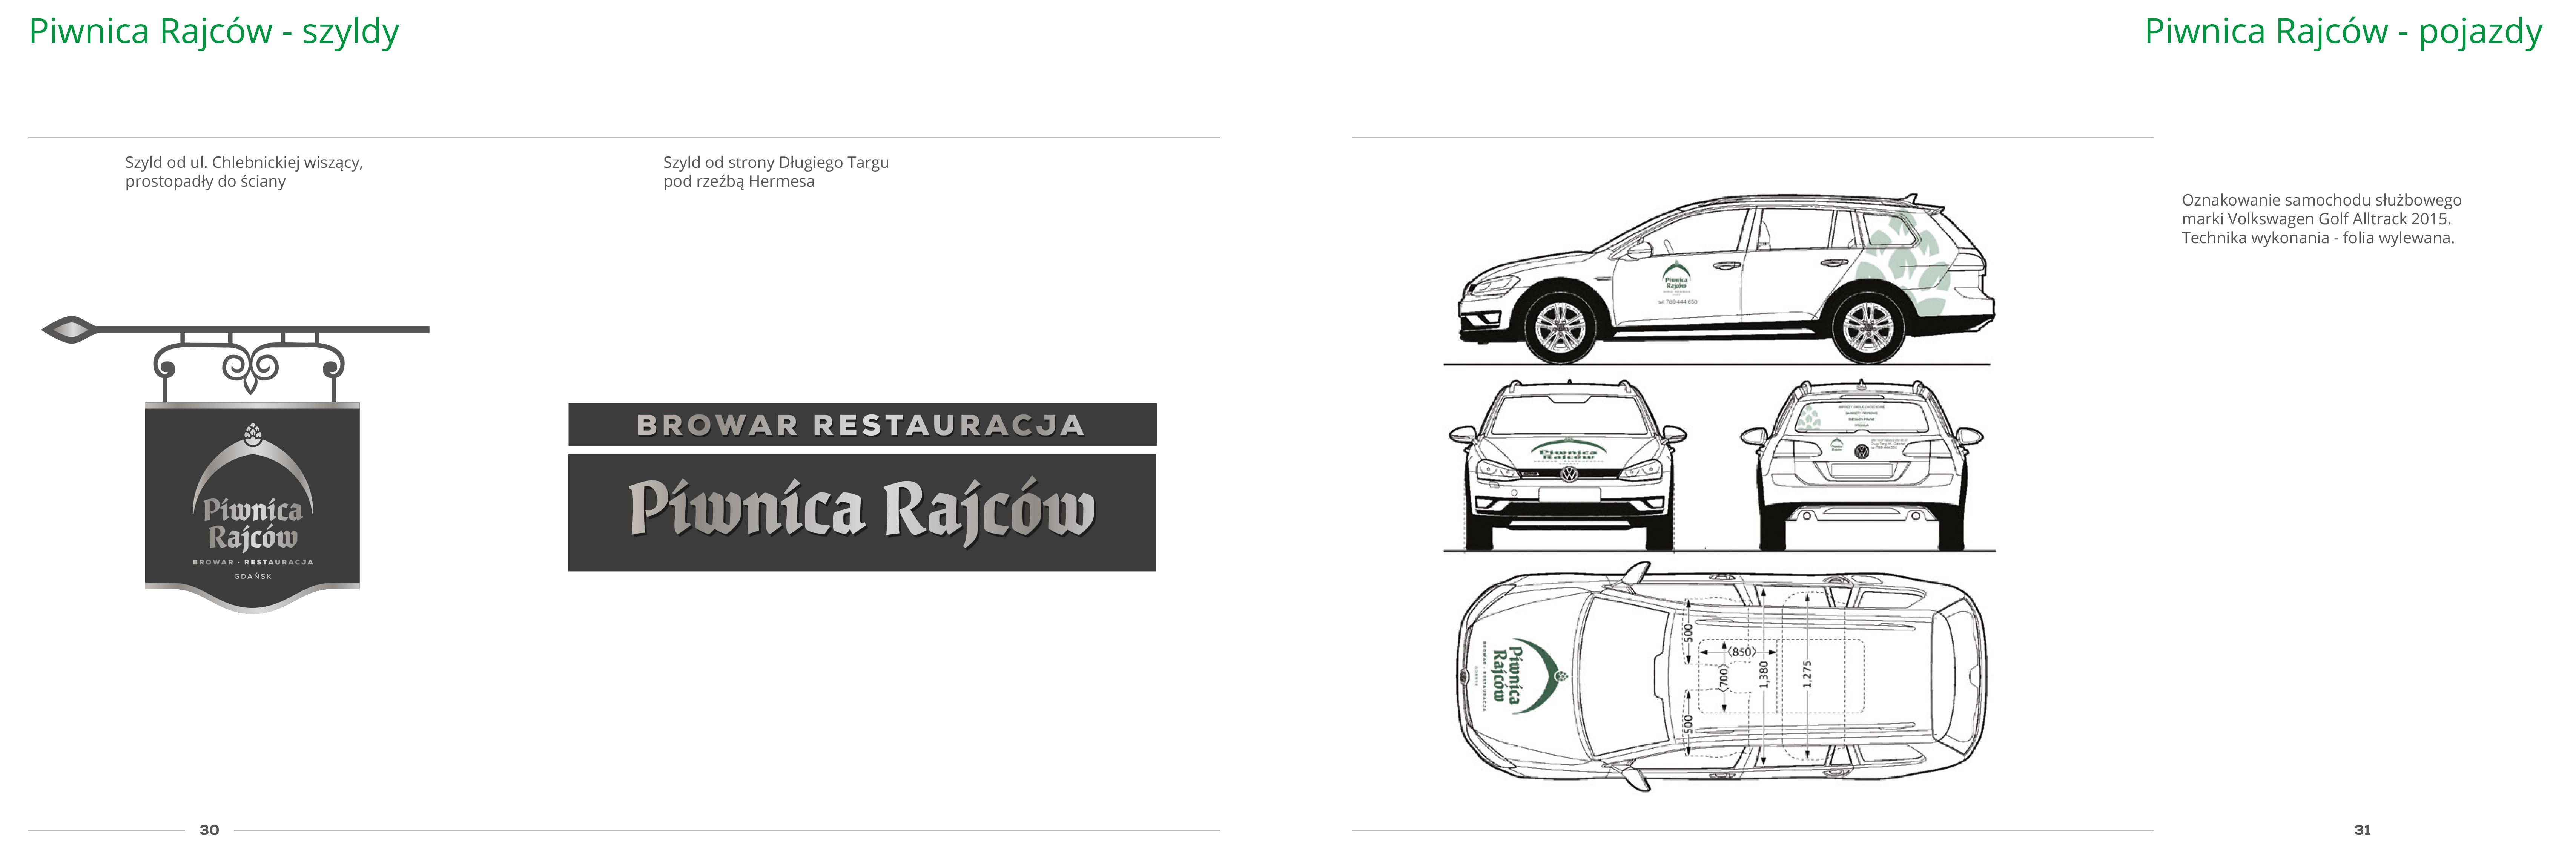 Piwnica_Rajcow_CIa3-16